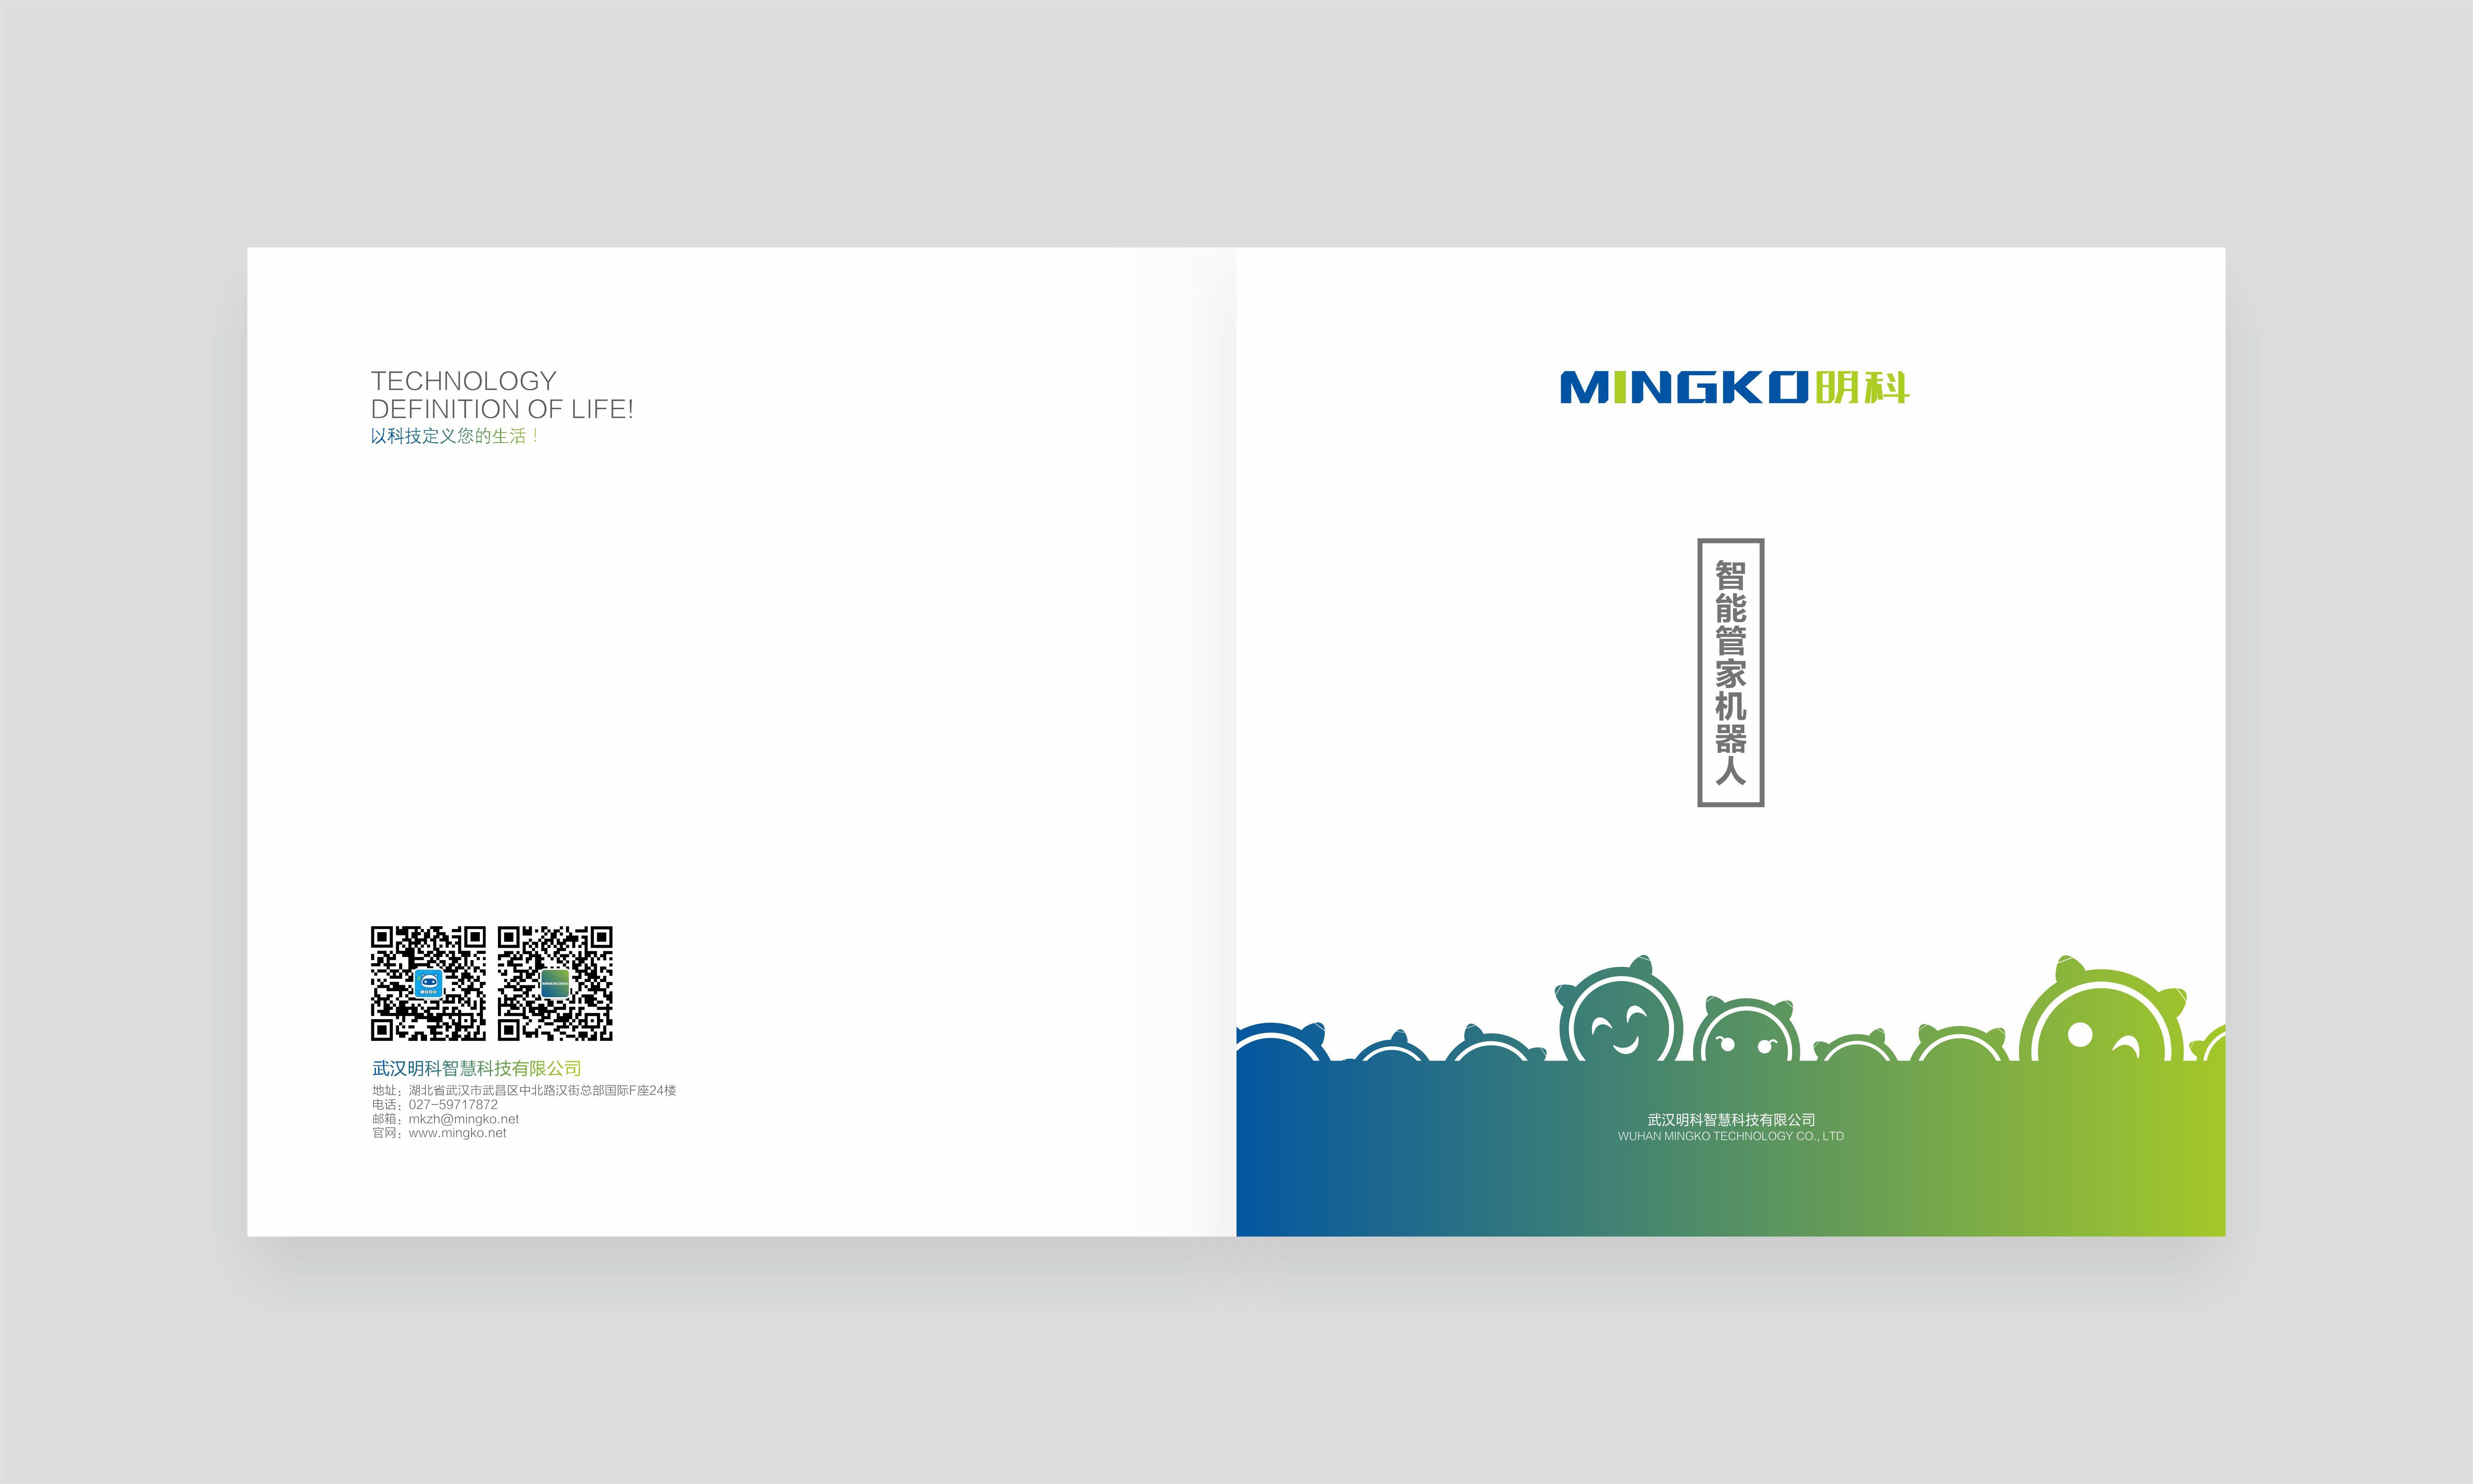 明科智慧科技产品手册图片